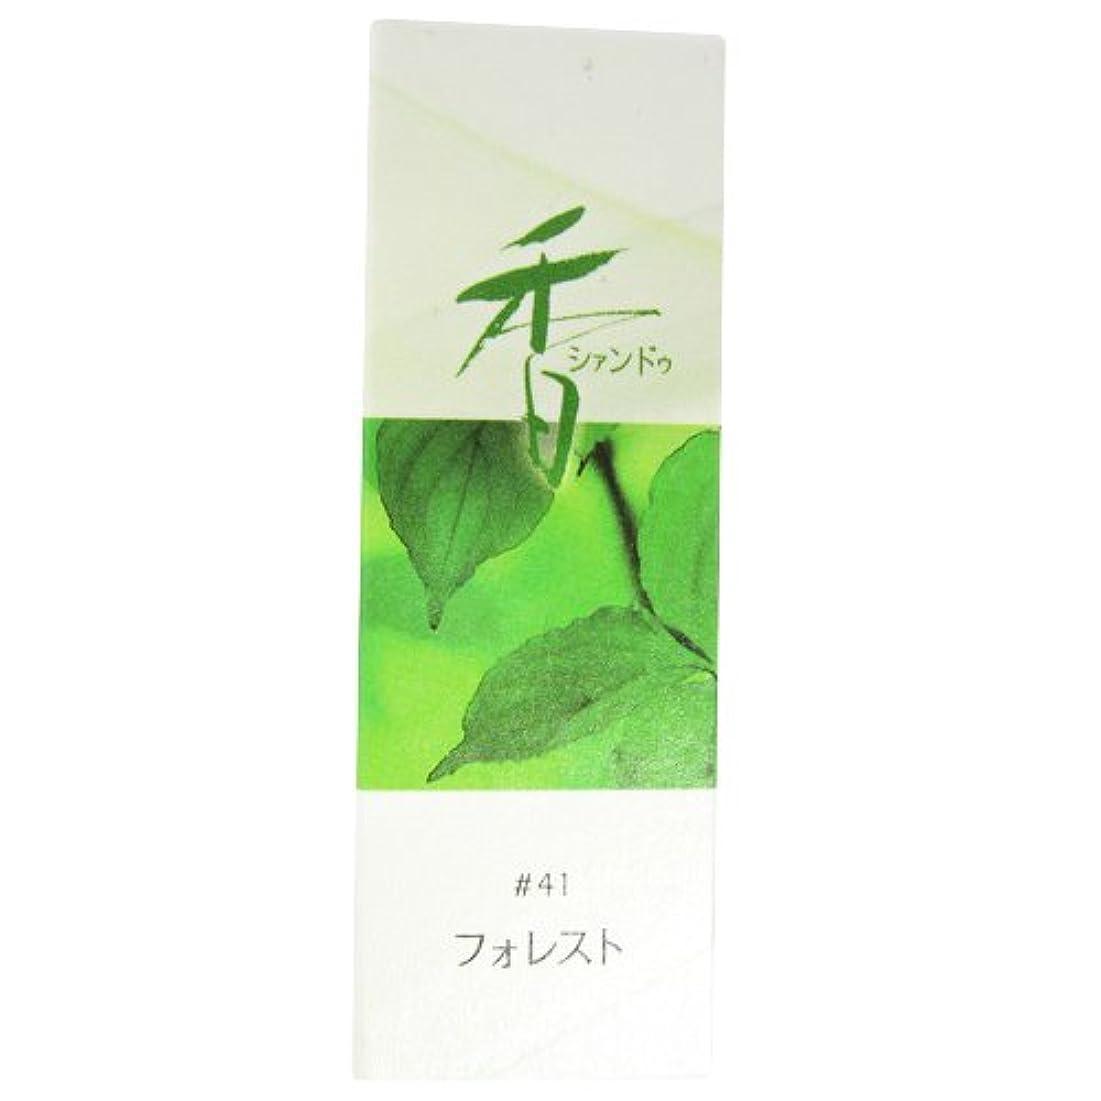 スクランブルレール庭園松栄堂のお香 Xiang Do フォレスト ST20本入 簡易香立付 #214241